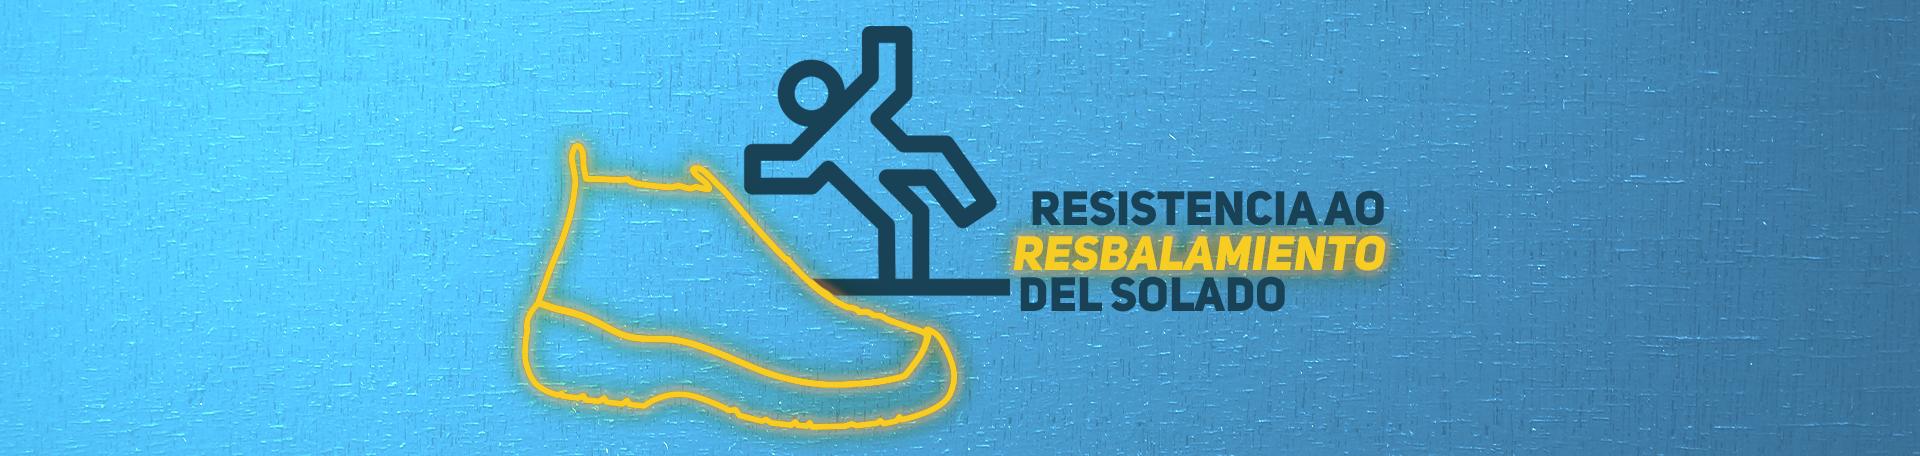 calzado de seguridad resistente al rebajamiento del solado